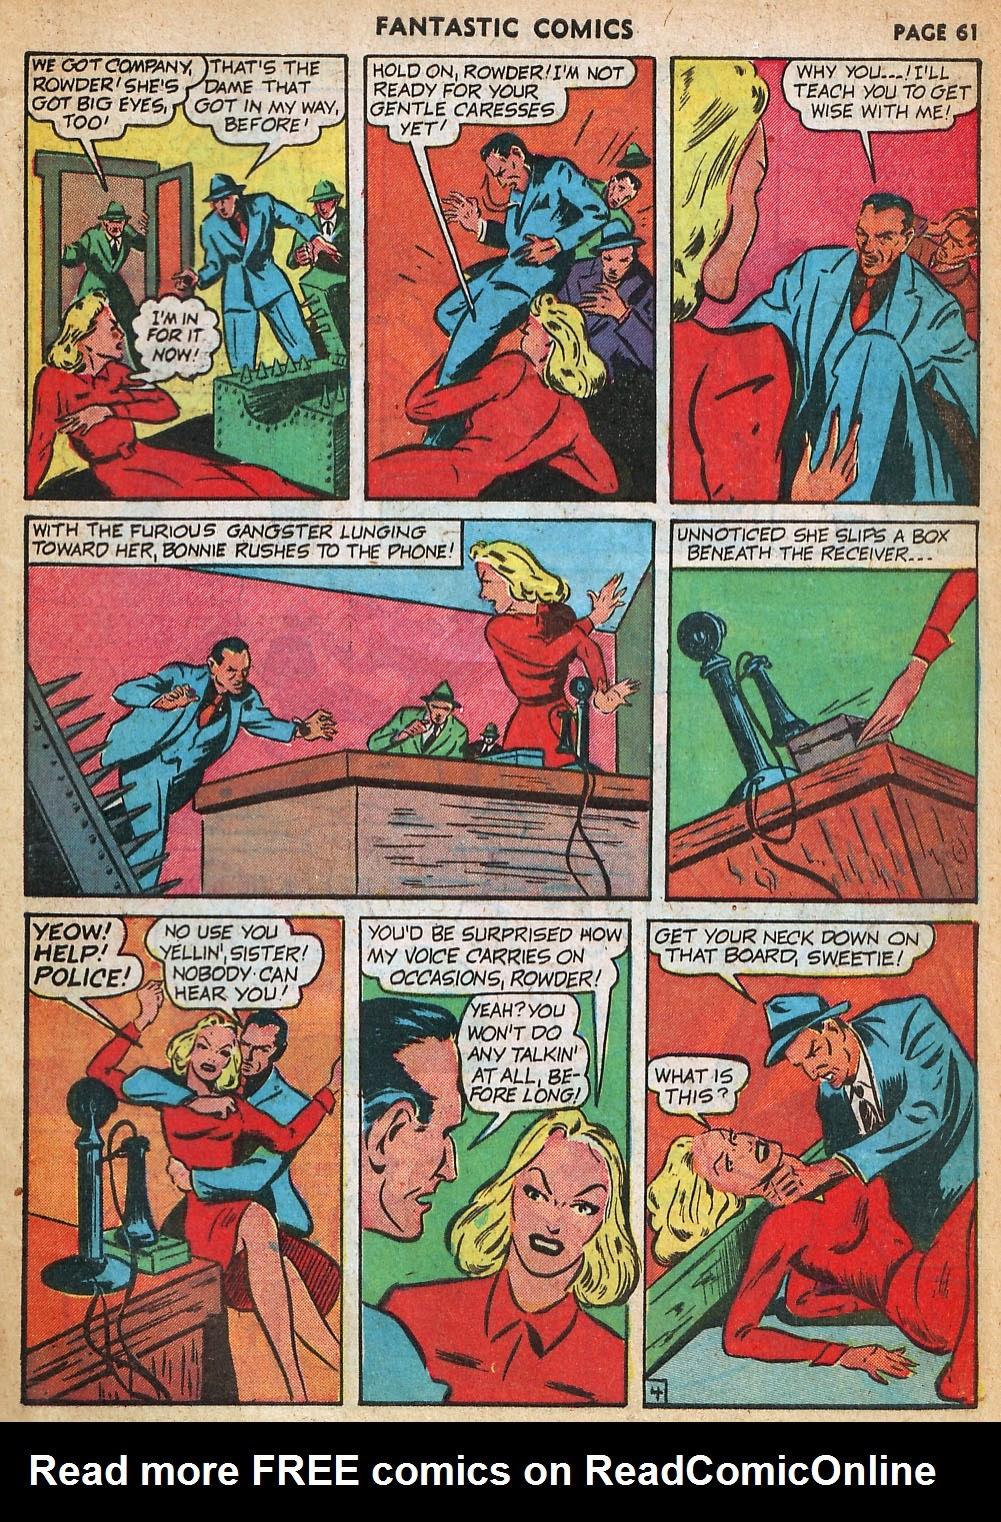 Read online Fantastic Comics comic -  Issue #22 - 62